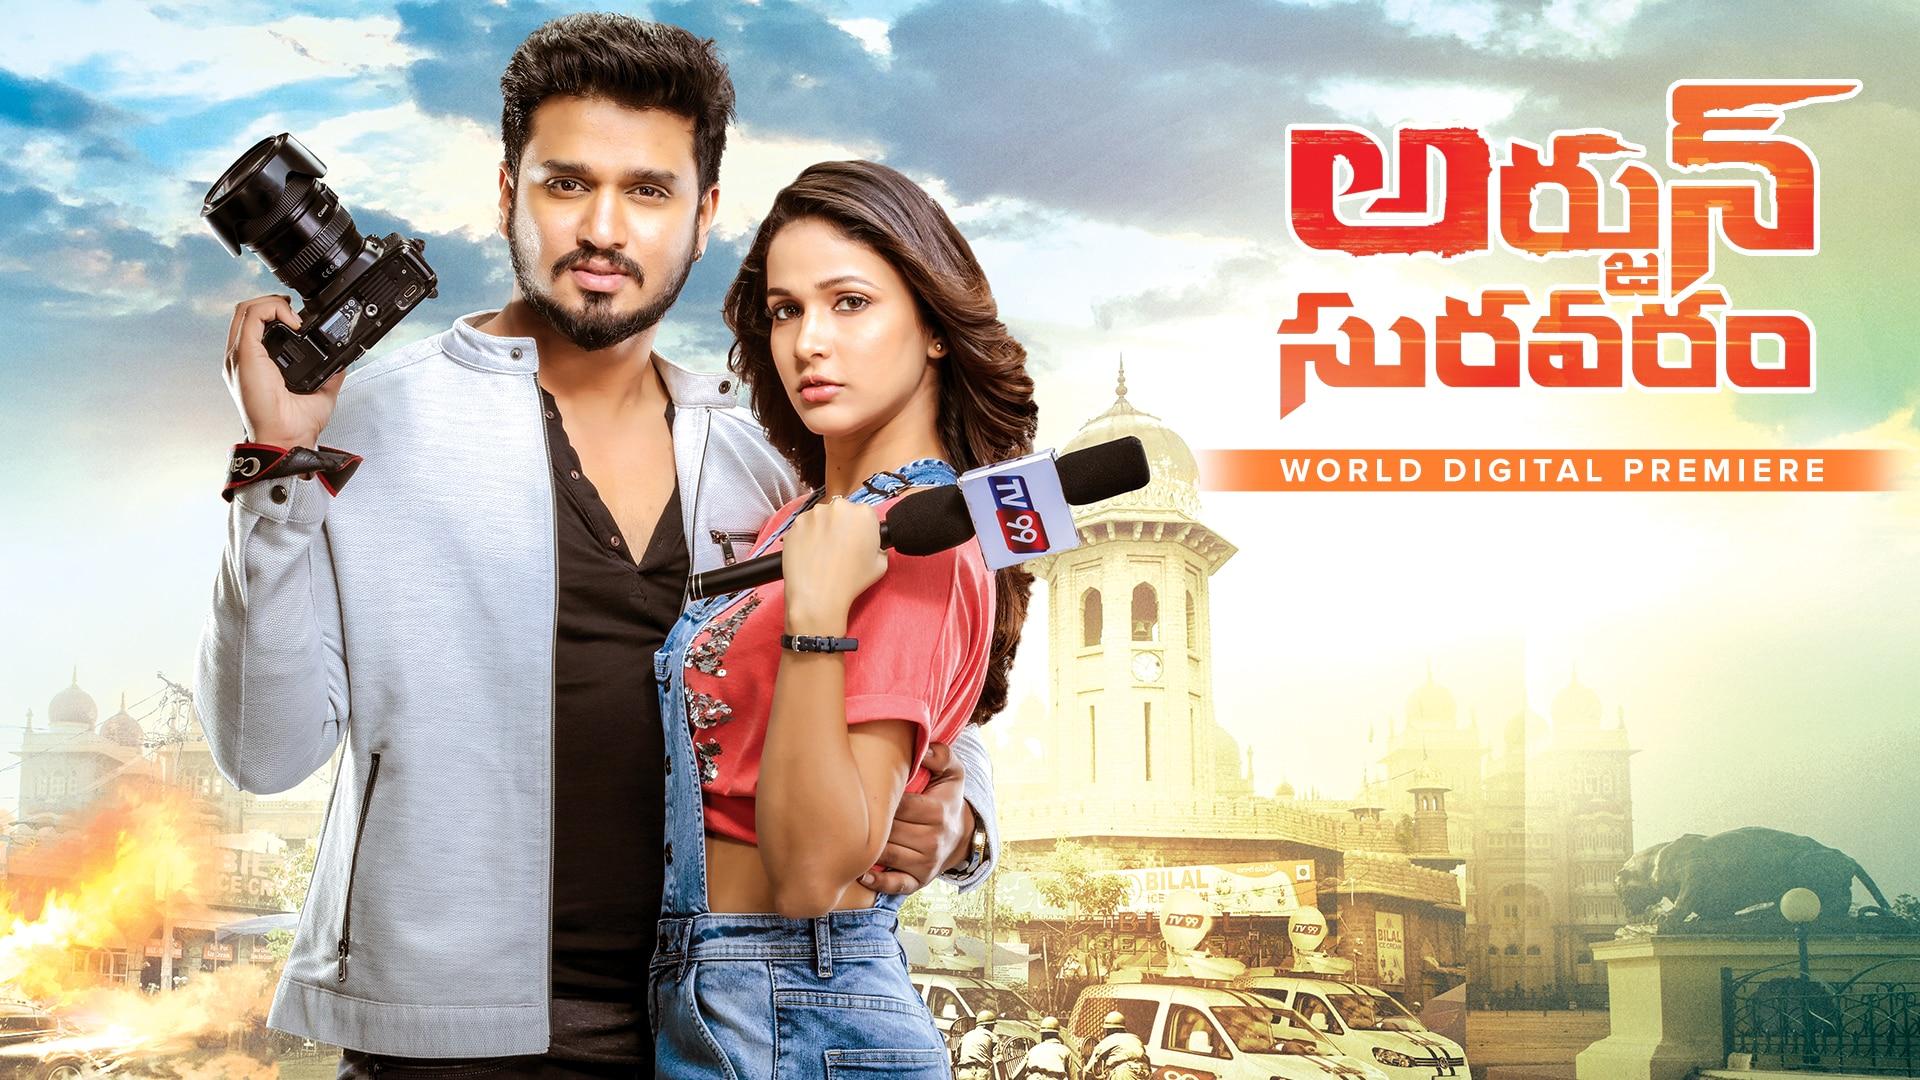 Action Movies On Aha App: Arjun Suravaram, Moothon, Jallikattu